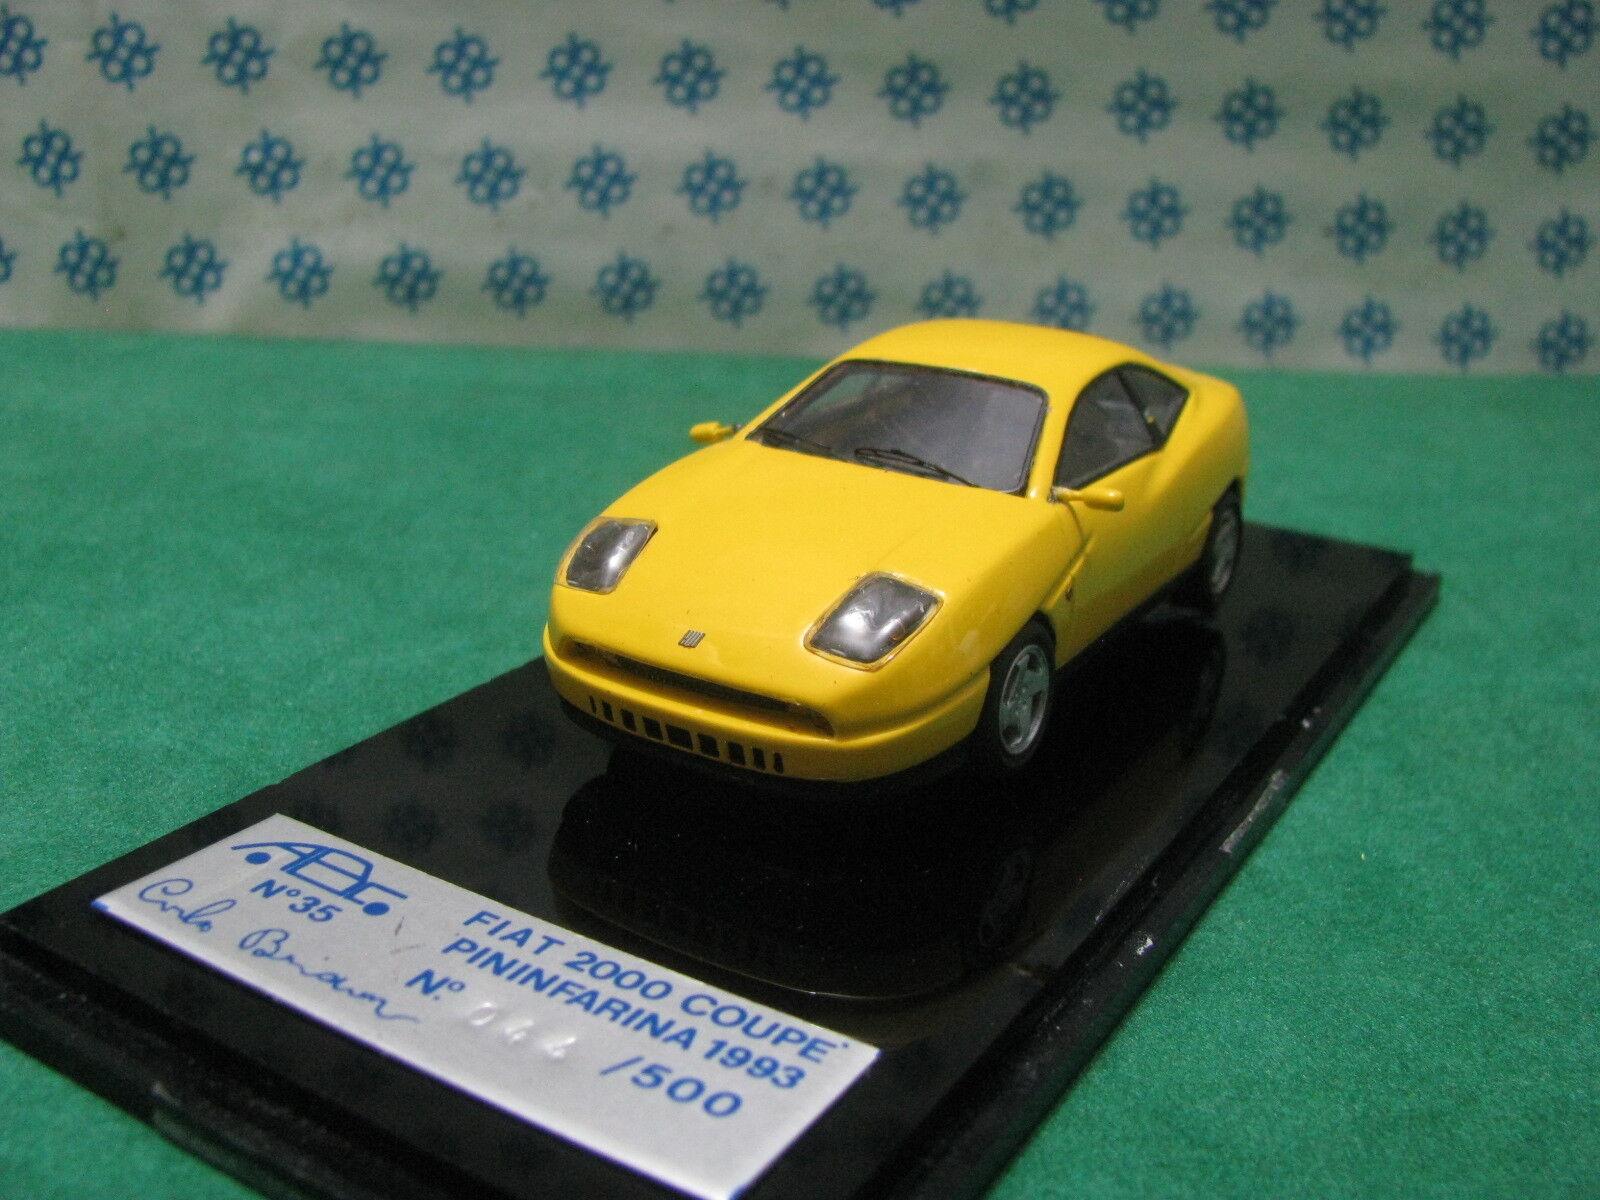 Fiat 2000 Coupé Pinin Farine 1993 - 1 43 Abc Brianza N°44 Built Factory